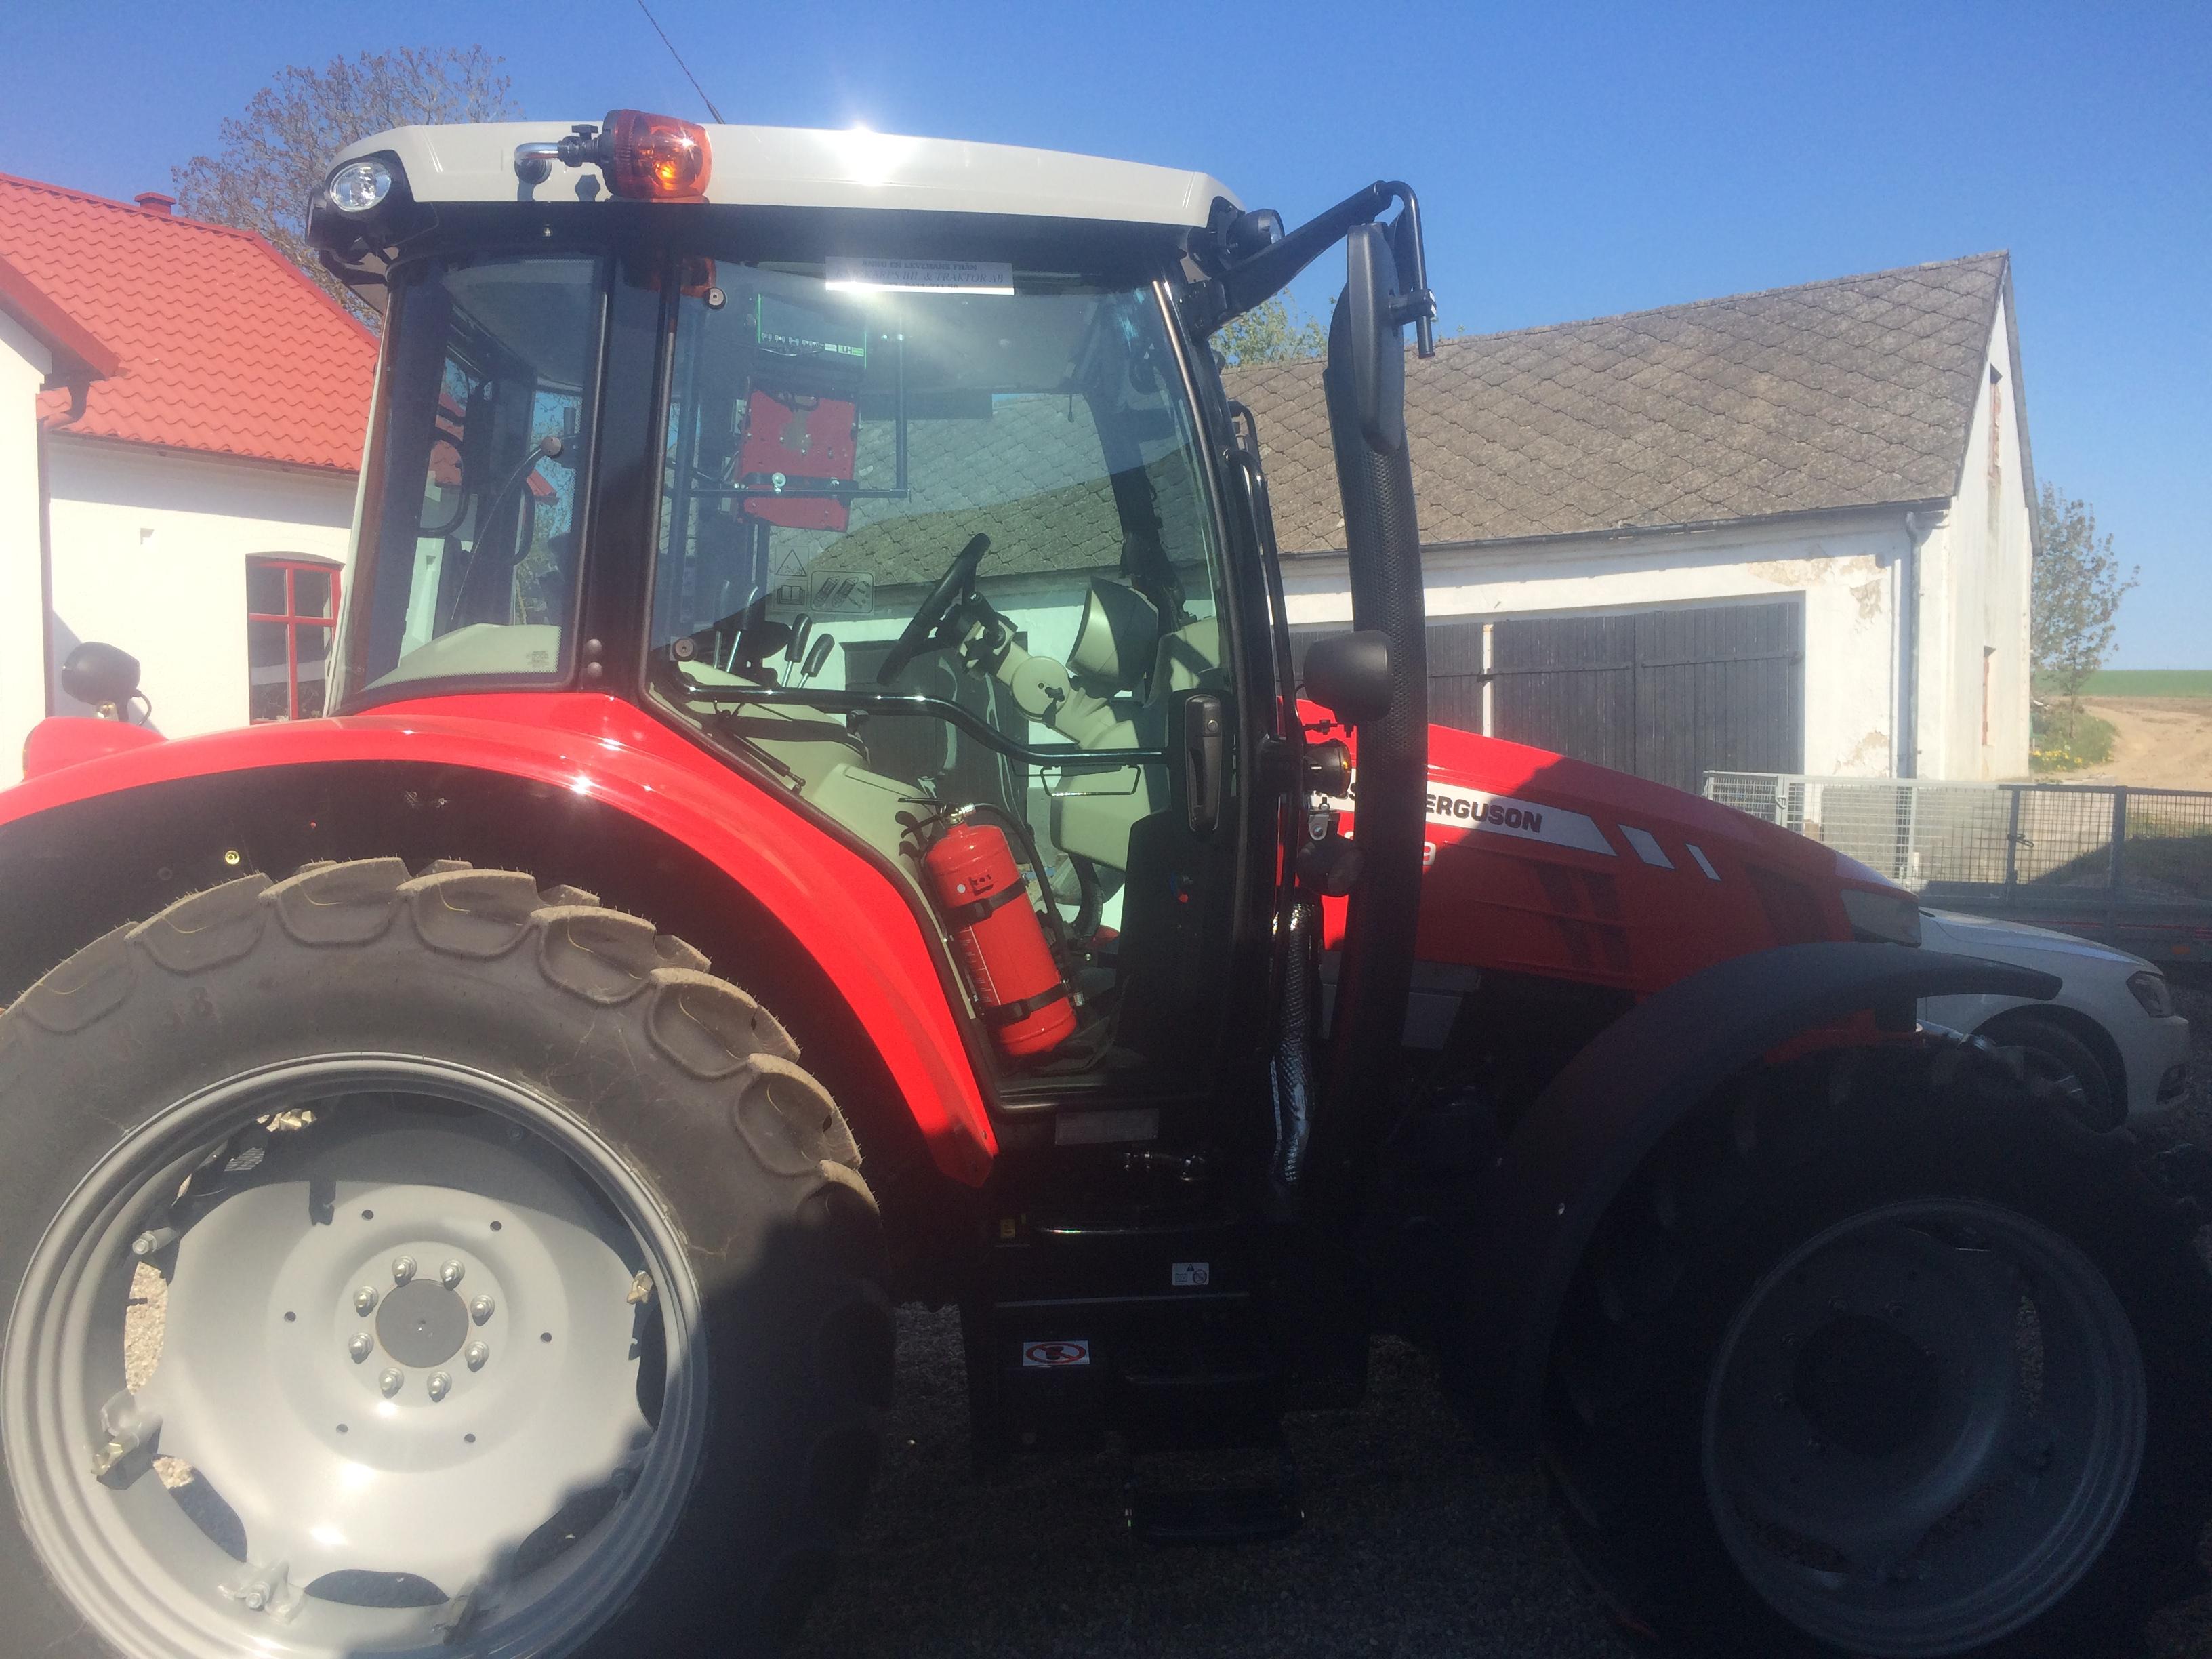 Visst är den fin? Var dock inte den jag körde med idag utan den större traktorn.